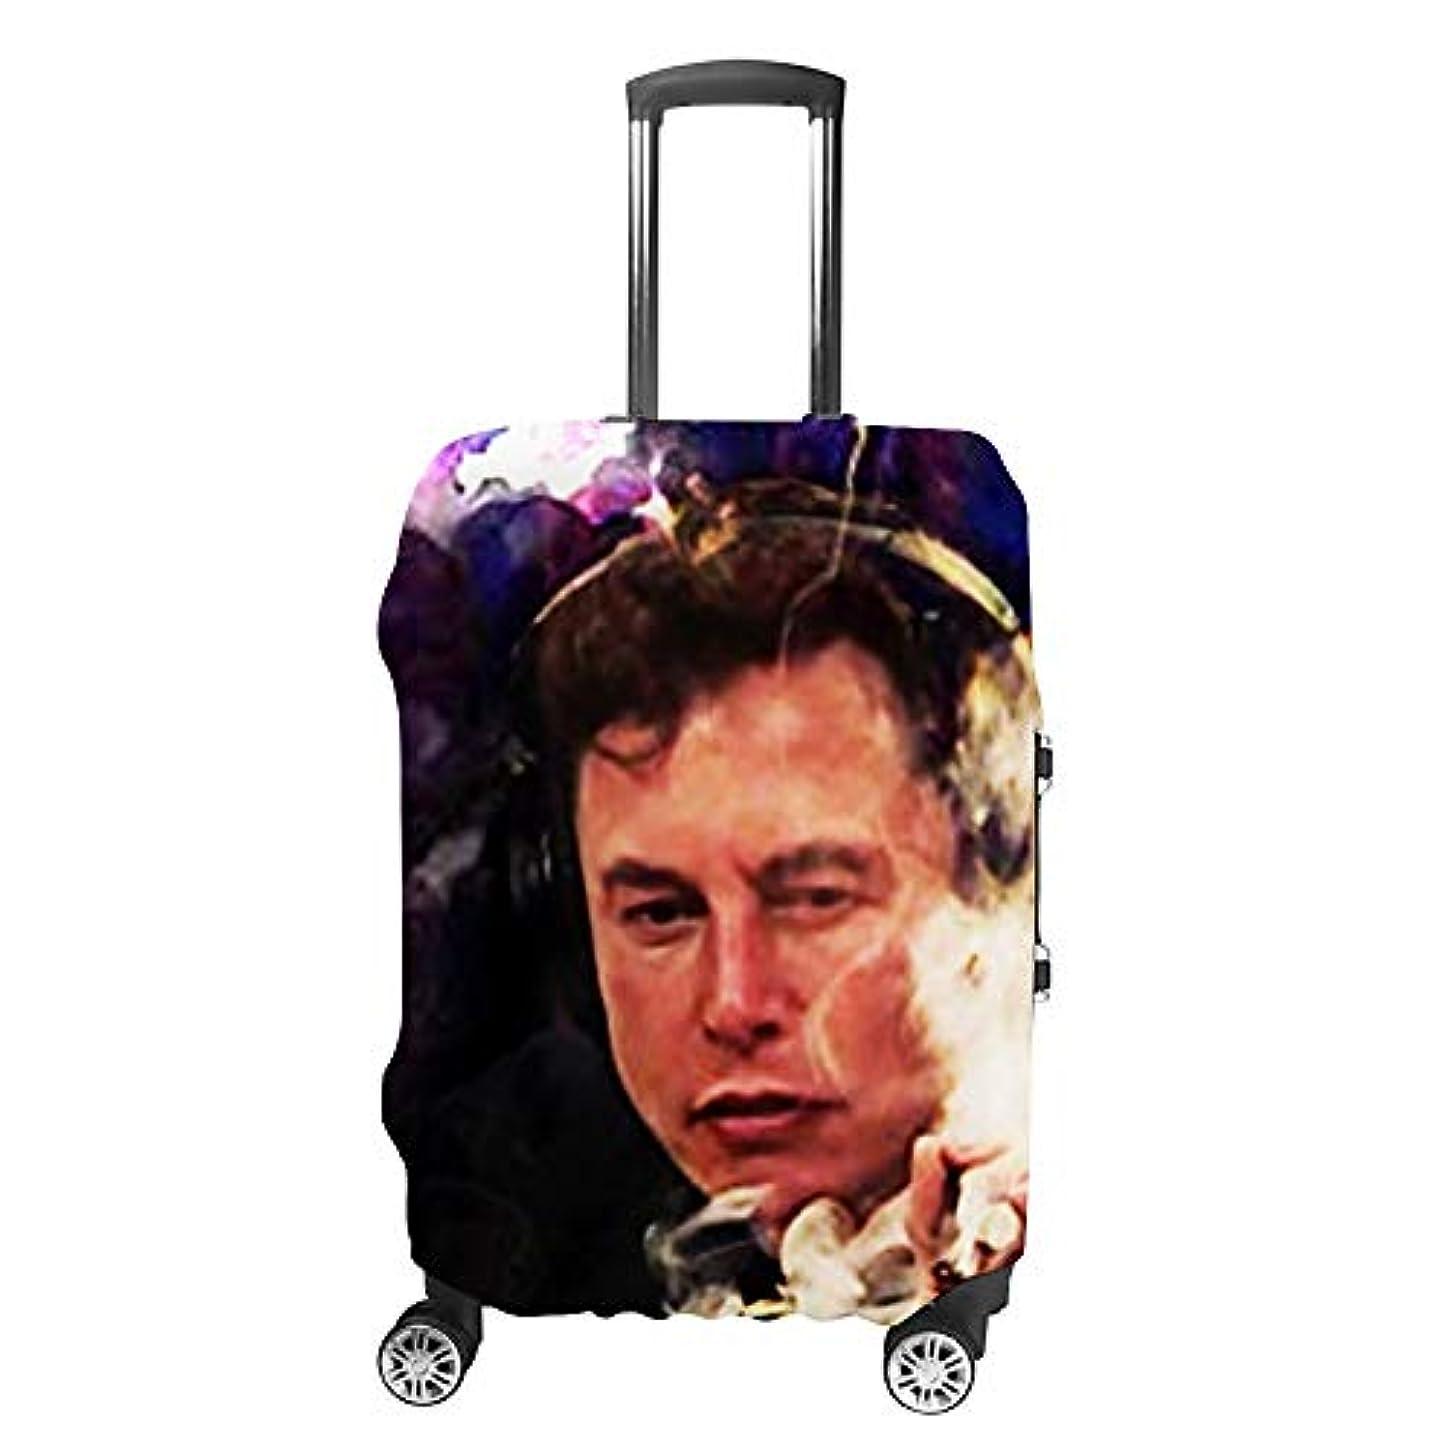 プロトタイプ彼女の敬Elon Musk ファッション旅行荷物カバースーツケース荷物プロテクター旅行カバー男性用女性用